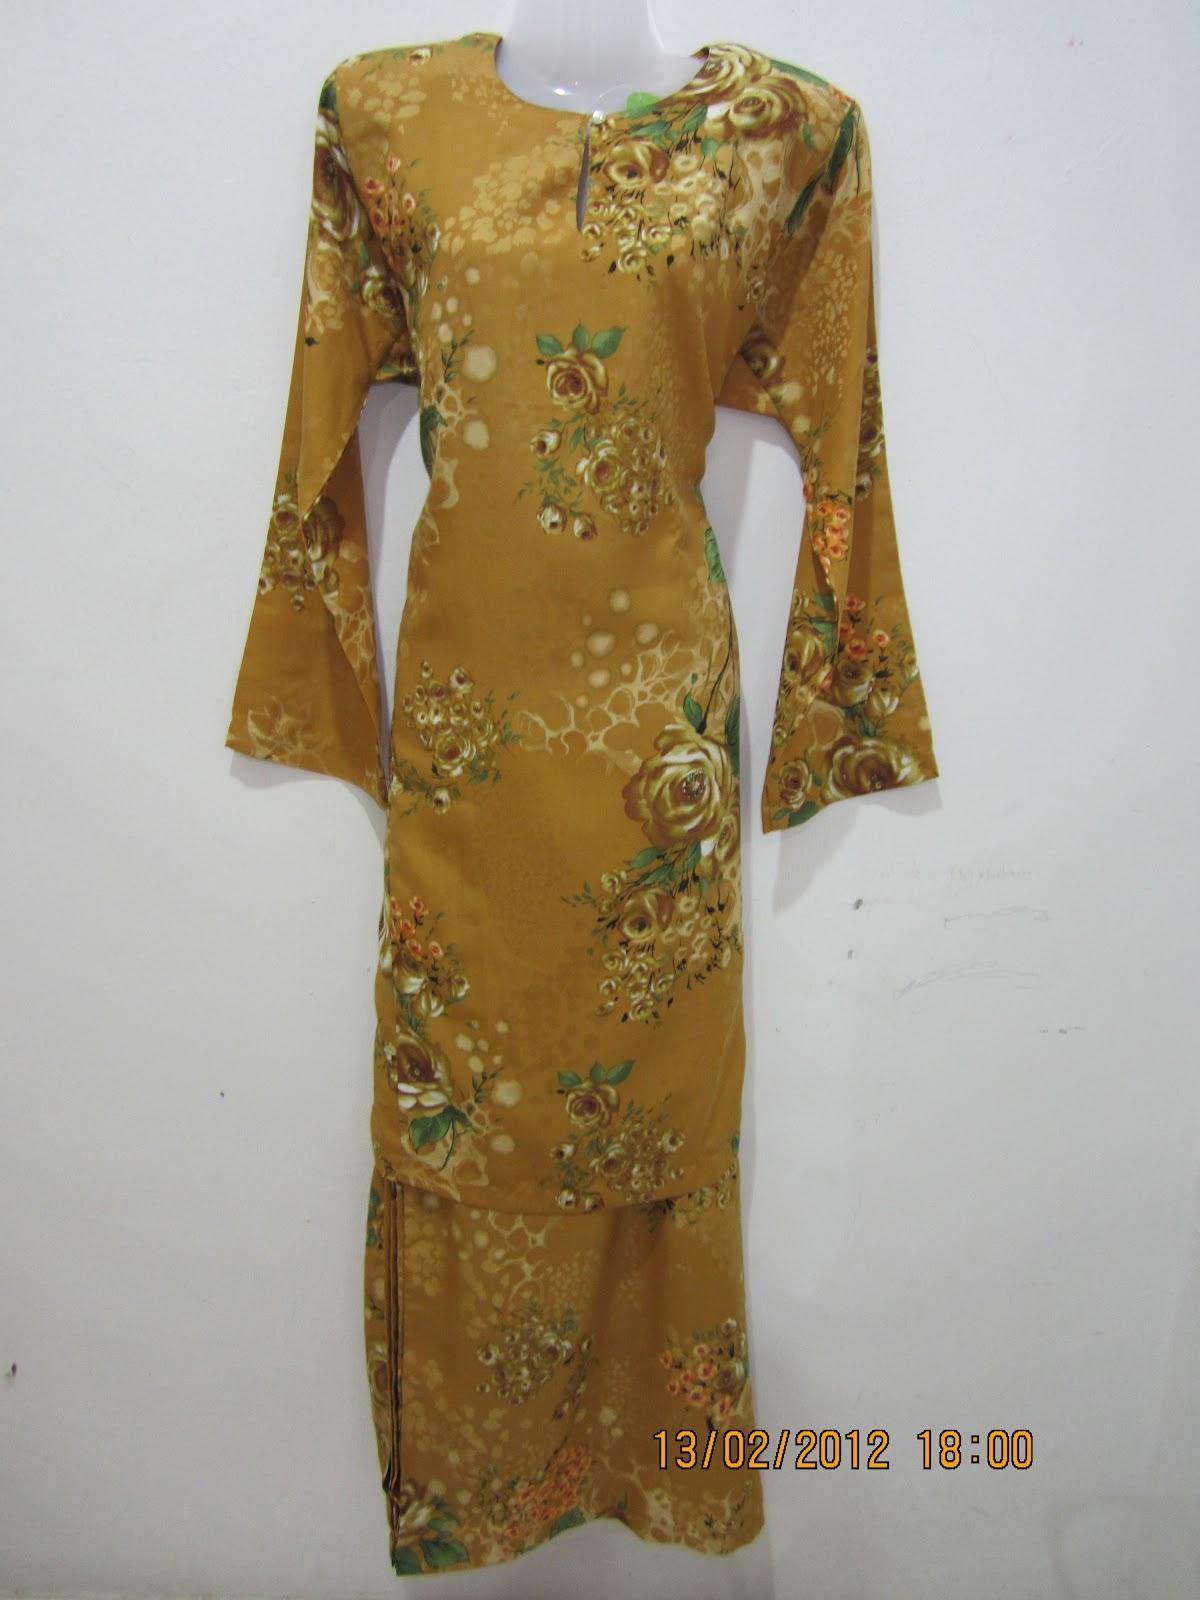 Baju Kanak Kanak Harga Borong Harga Baju Kurung Di Be